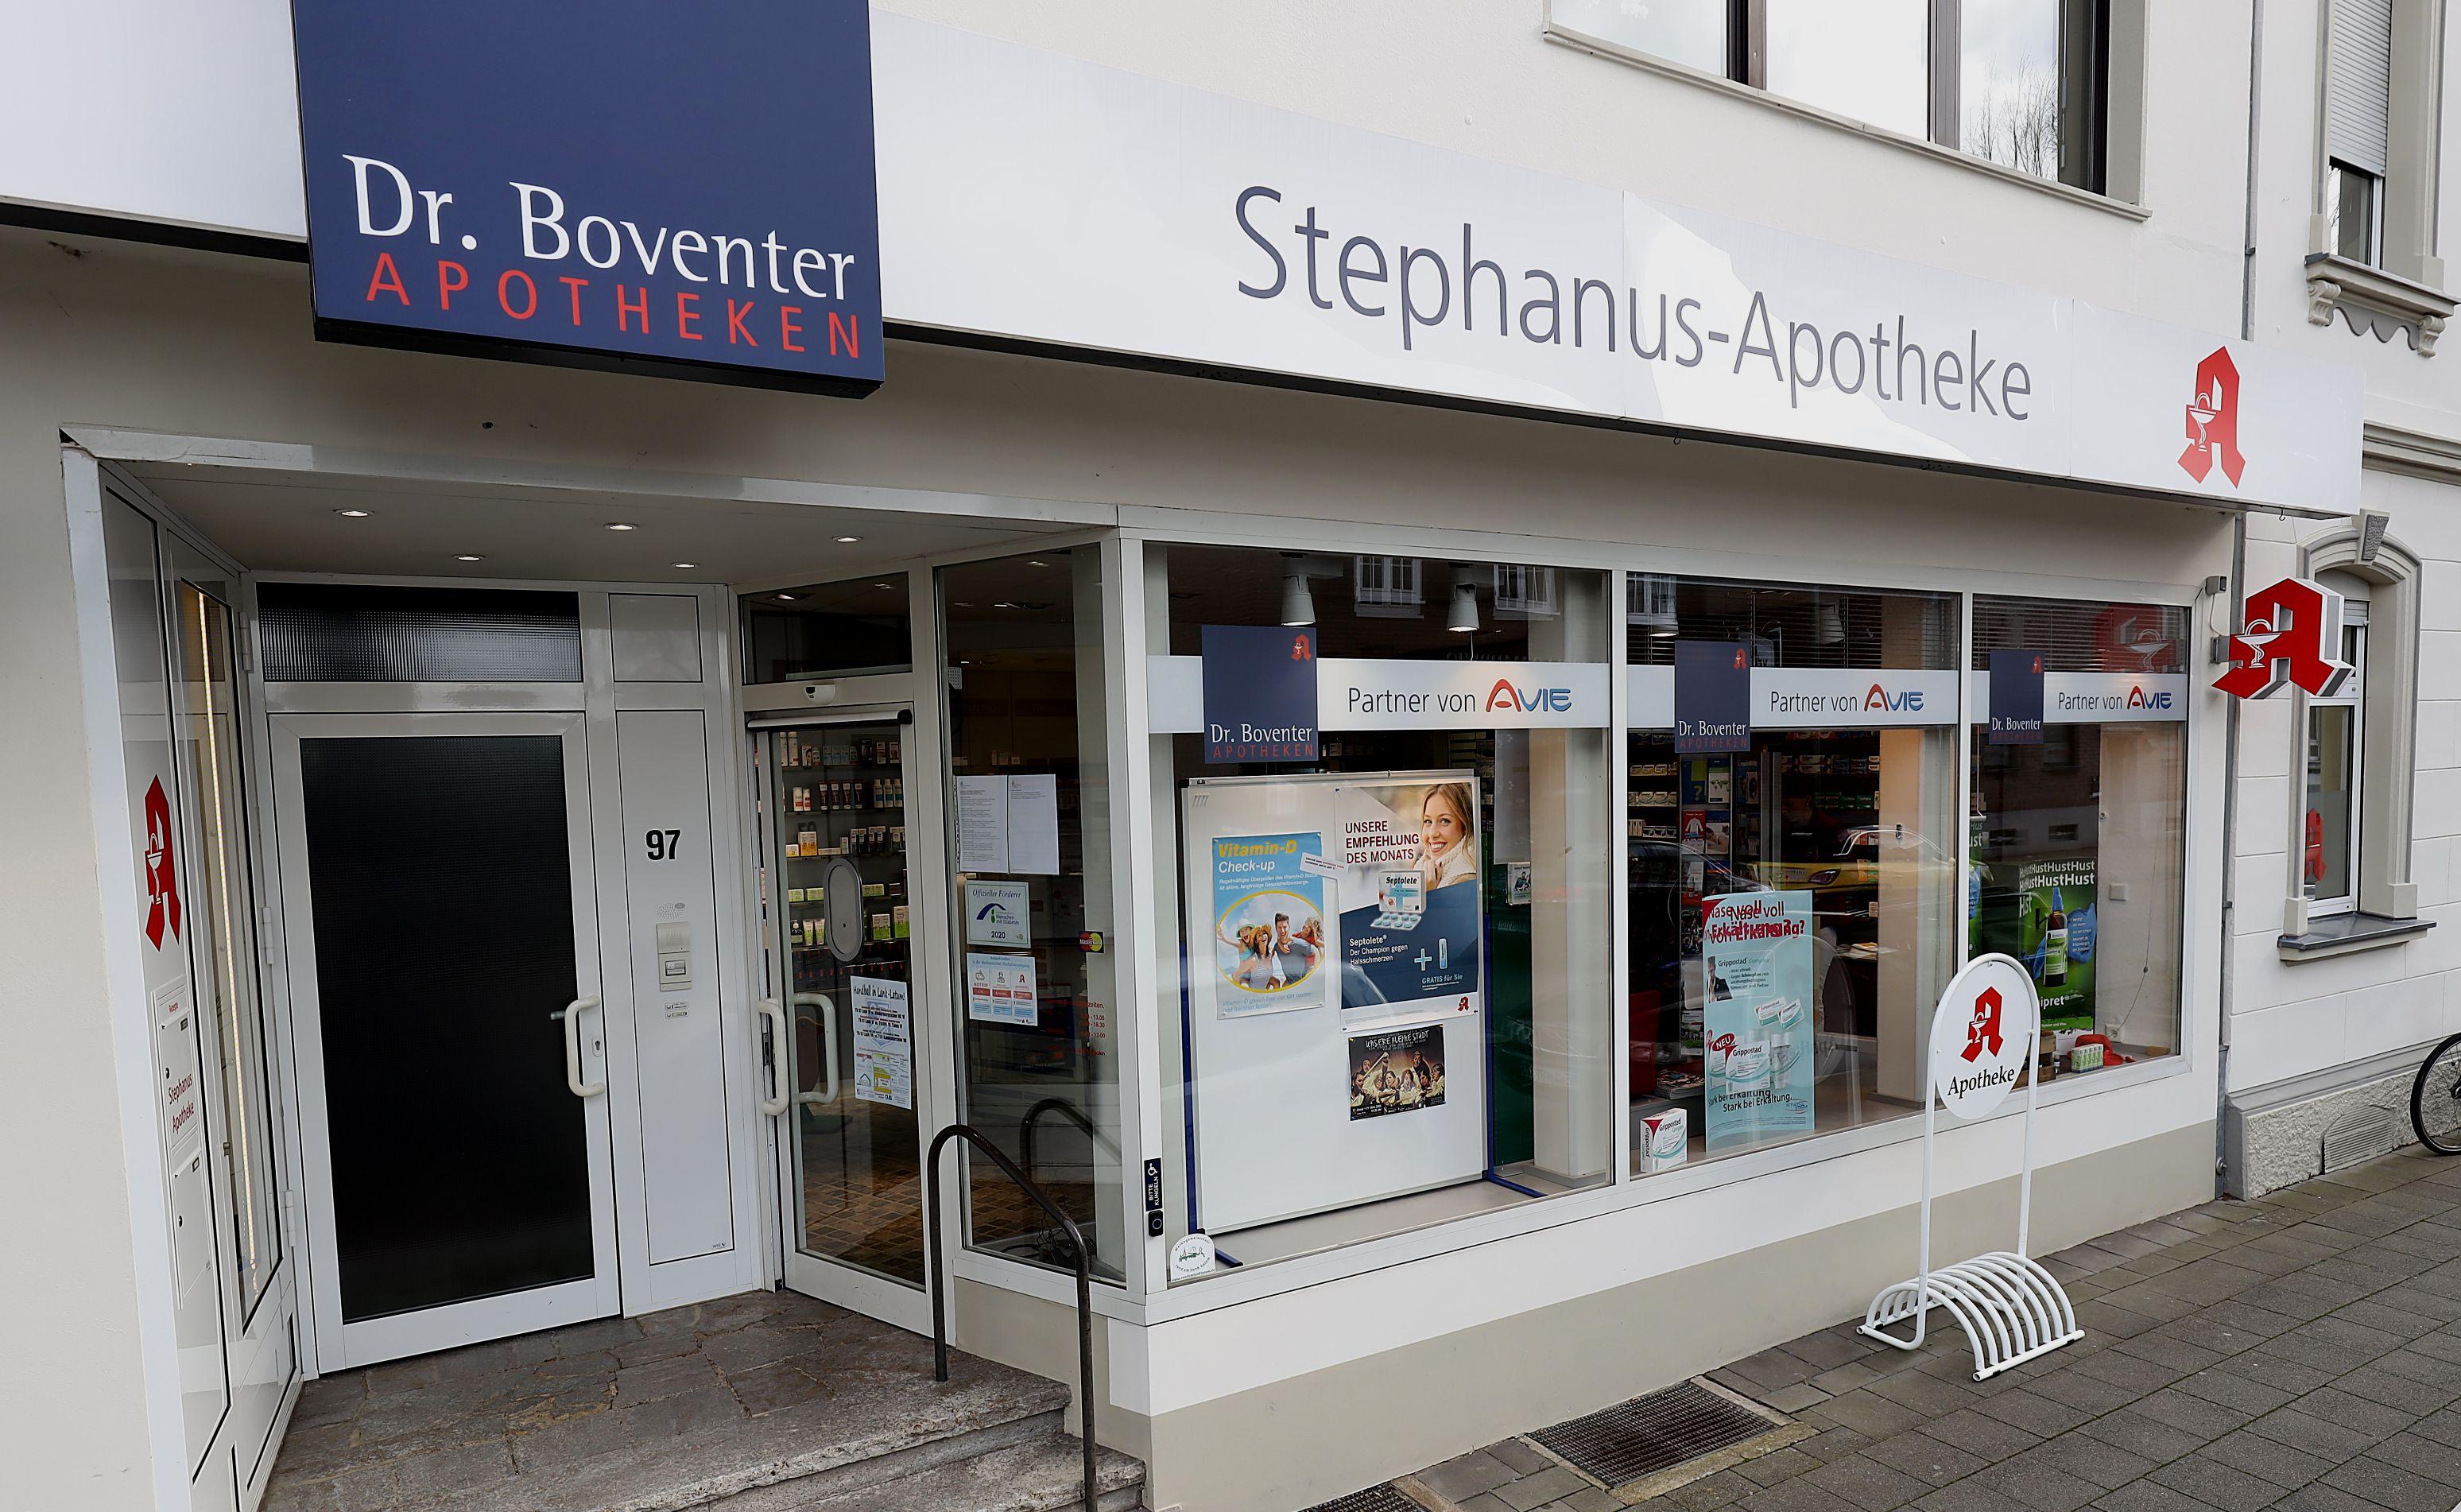 Stephanus-Apotheke